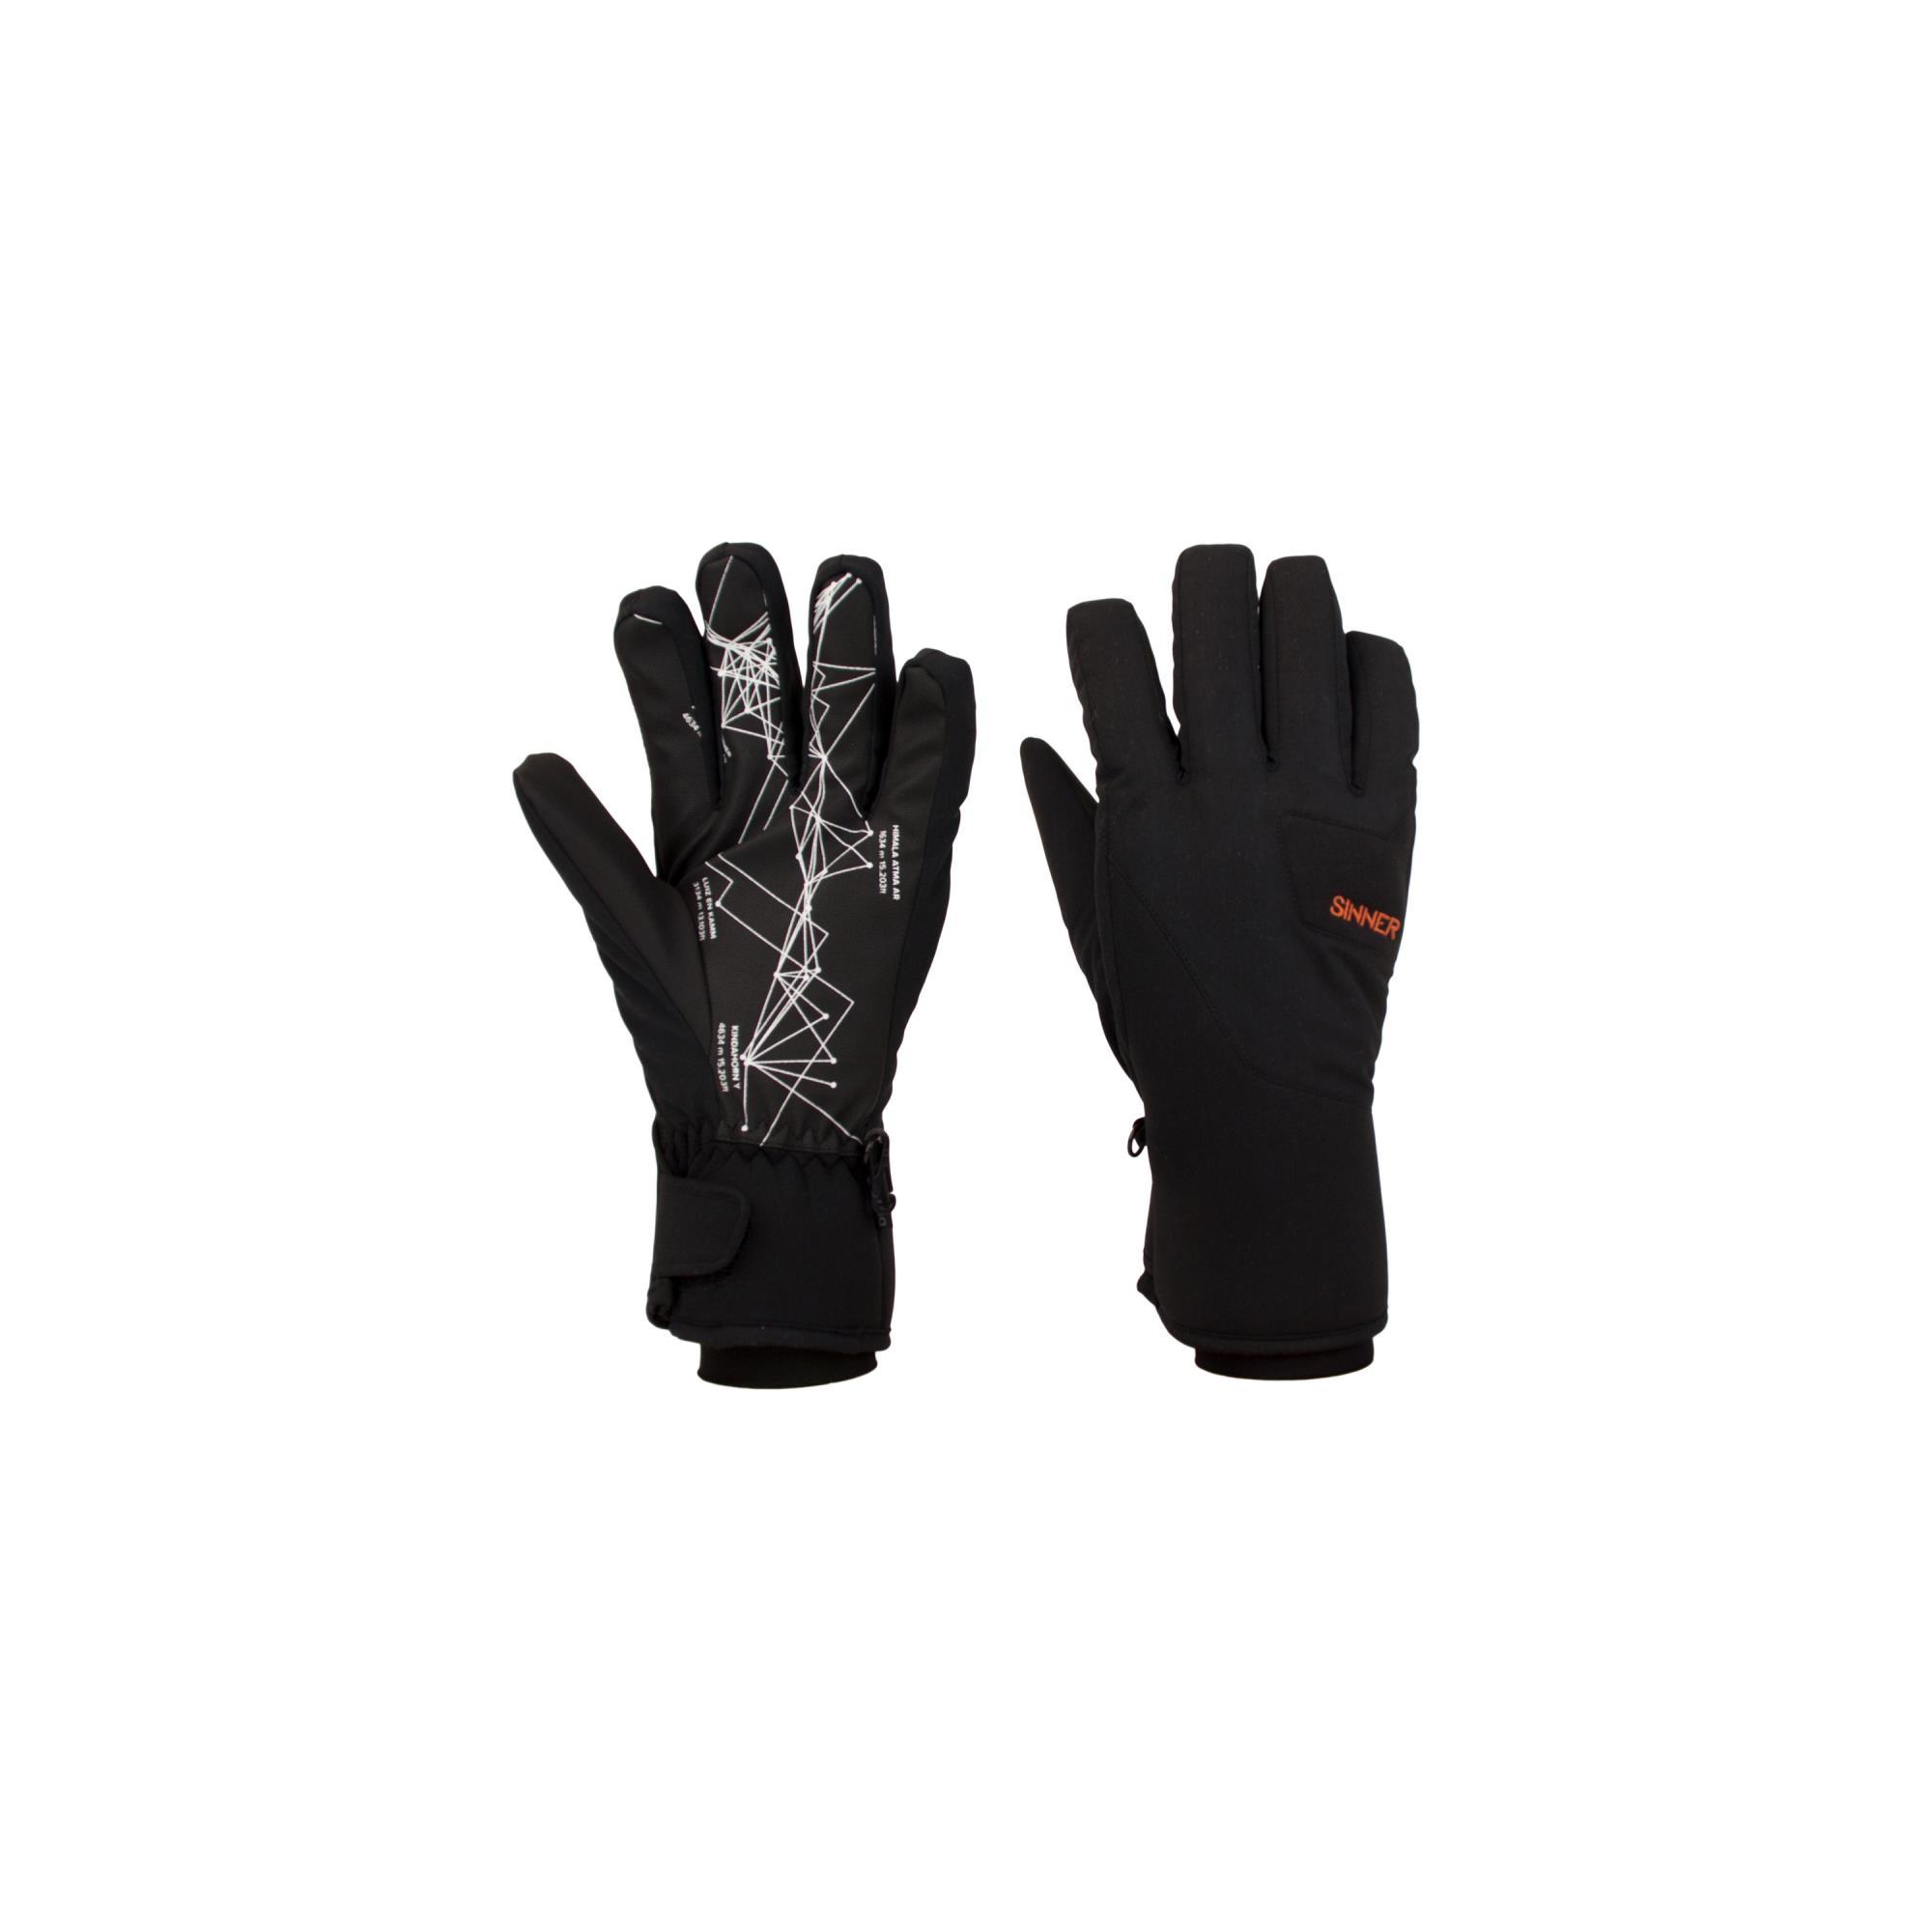 Sinner Skihill Handschoenen Dry-s® Unisex - Zwart - Maat 9